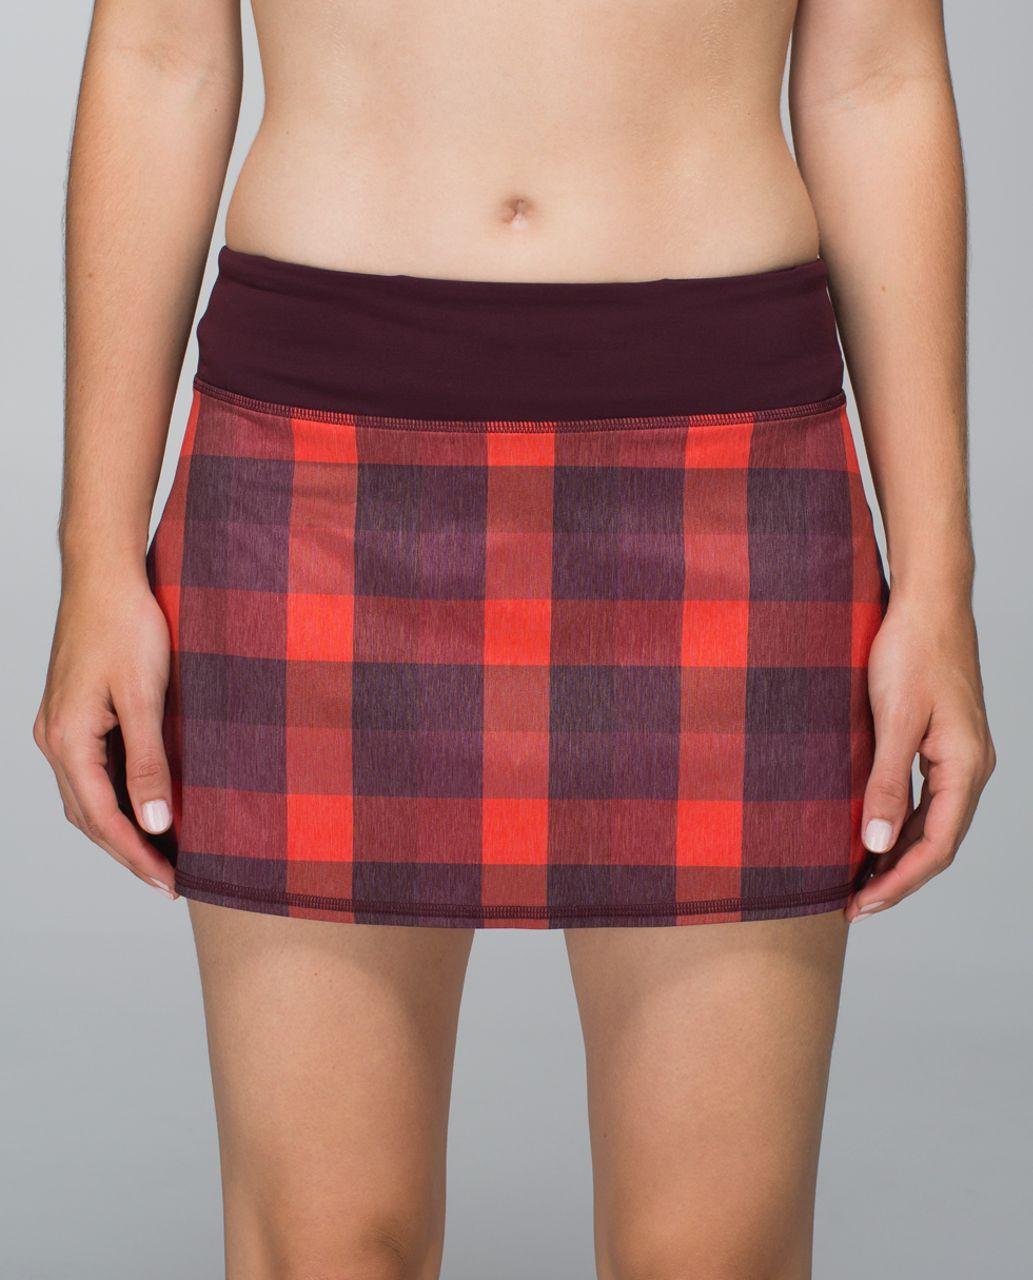 Lululemon Run:  Pace Setter Skirt *2-way Stretch (Regular) - Yama Check Heathered Flaming Tomato / Bordeaux Drama